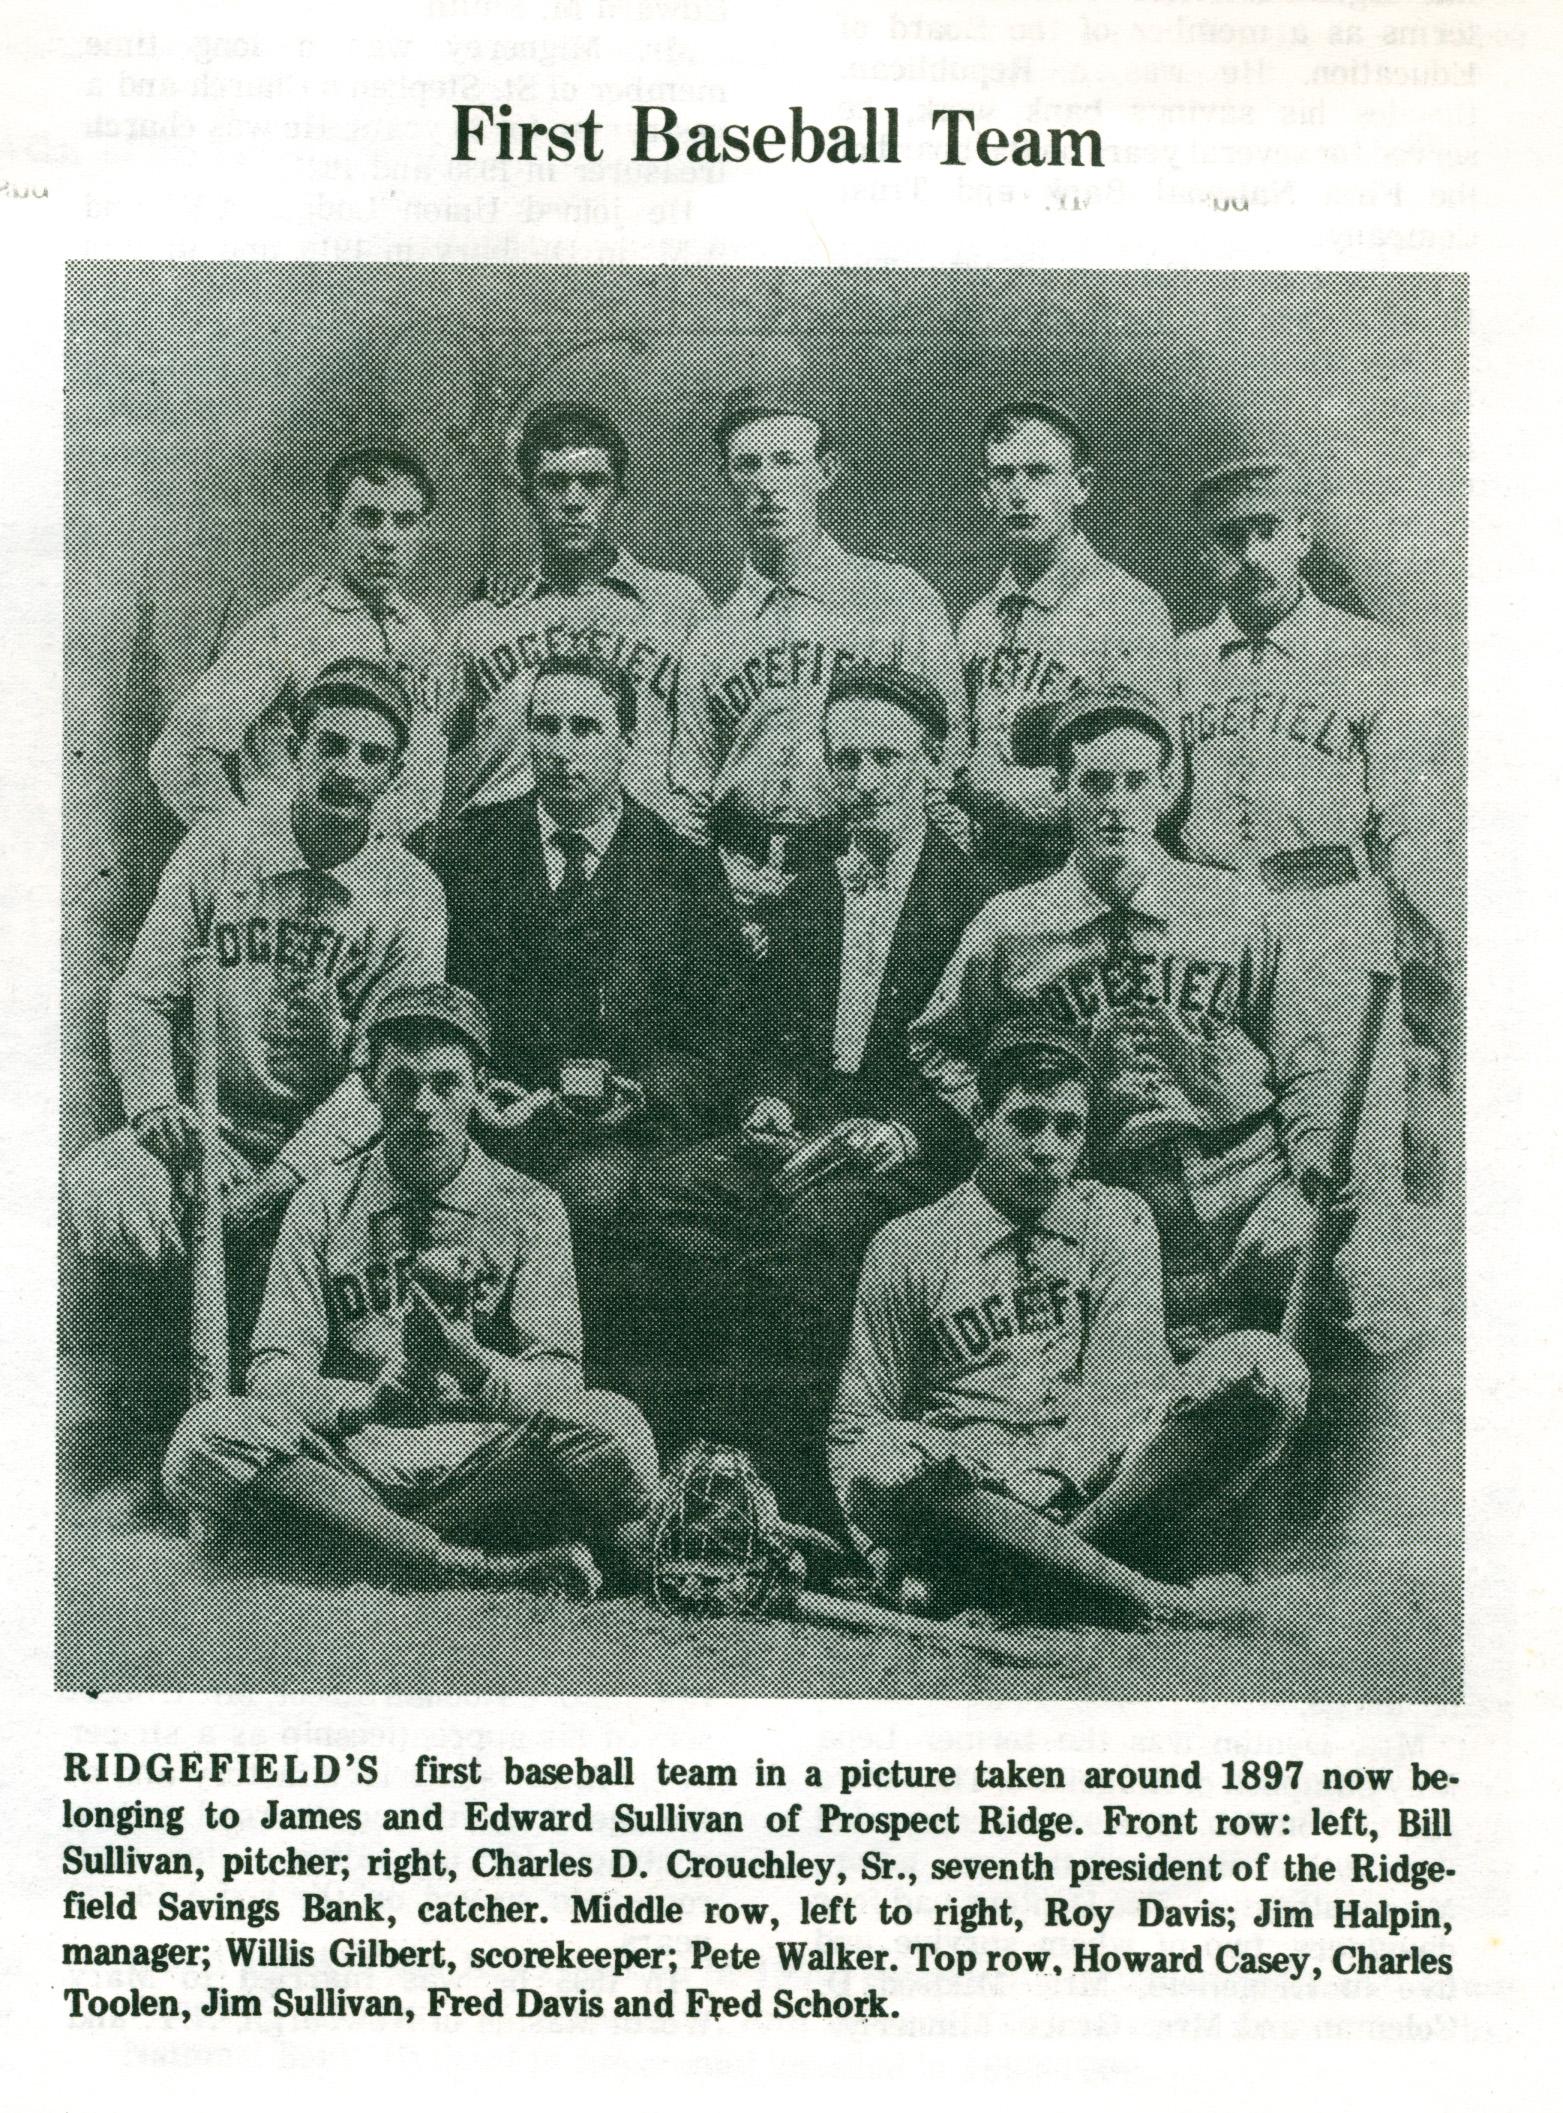 ridgefield-1st-bb-team